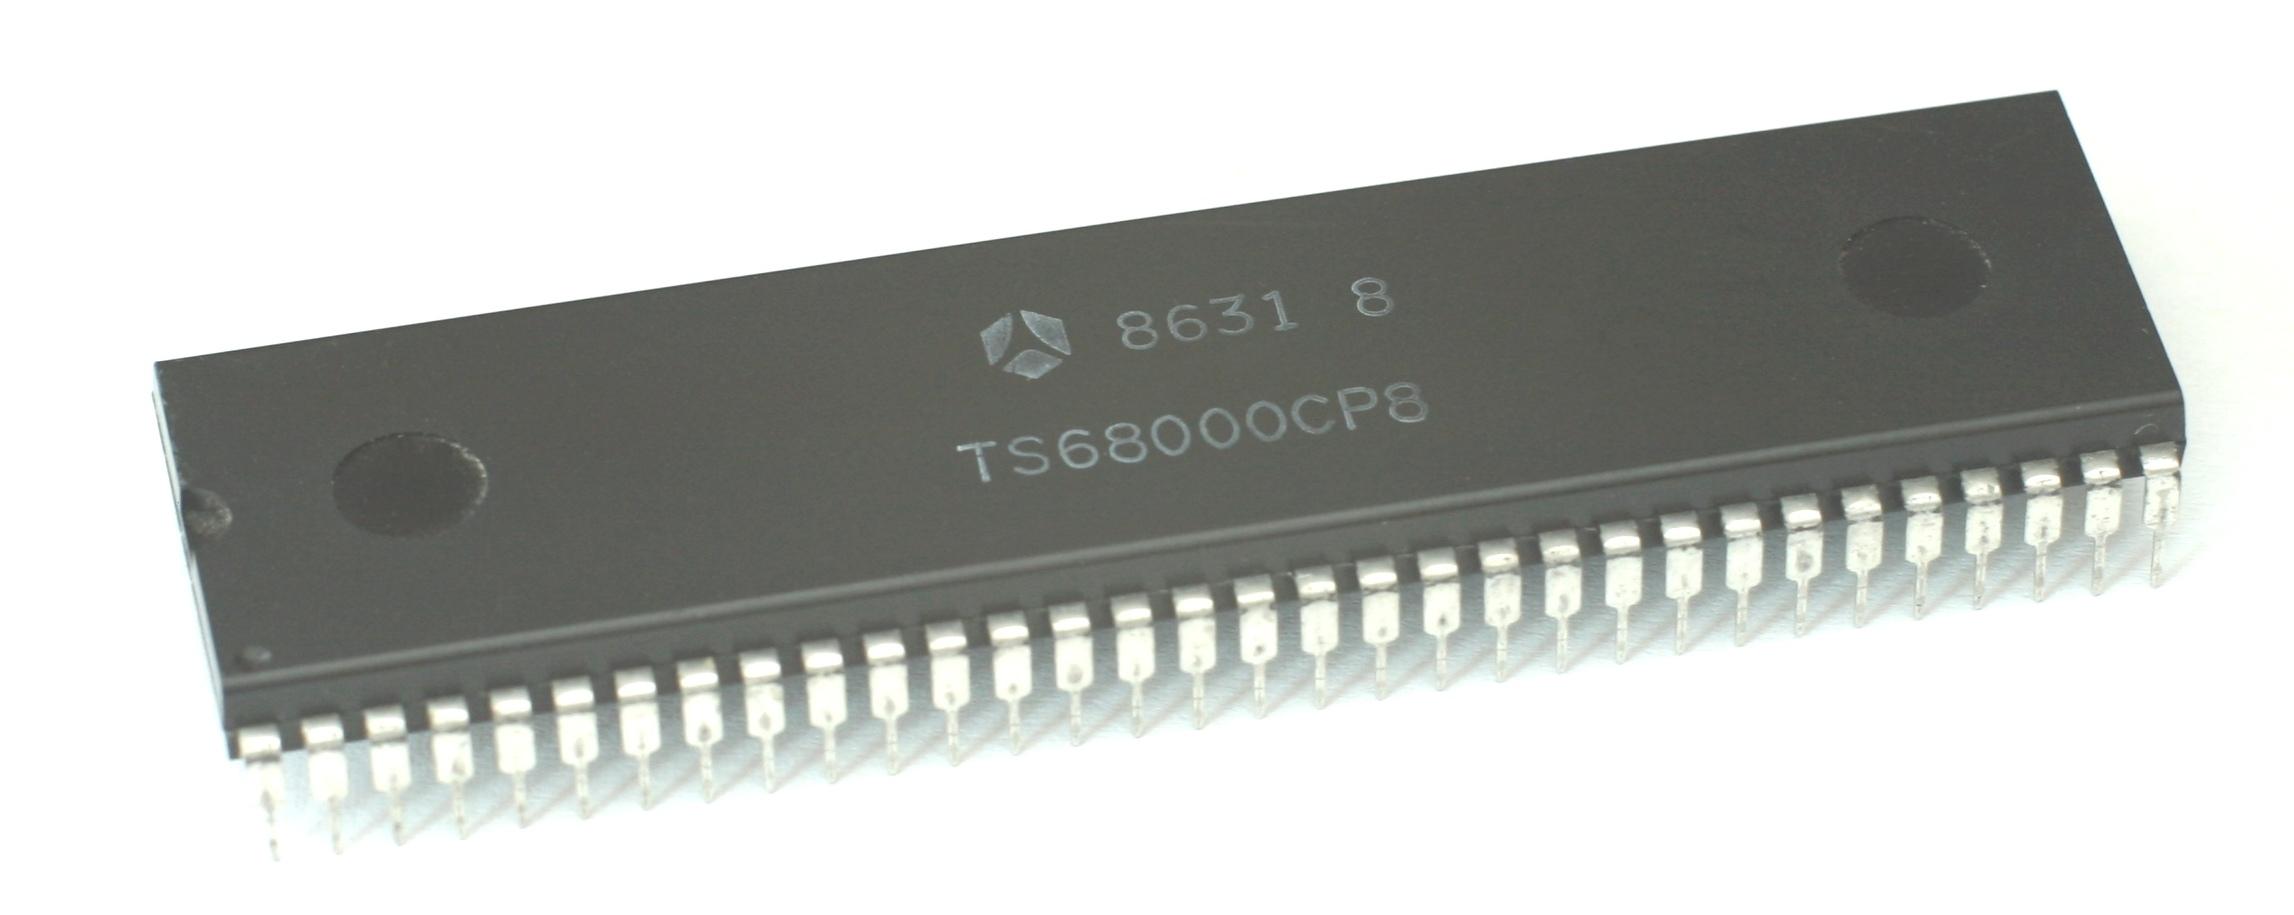 KL_Thomson_TS68000